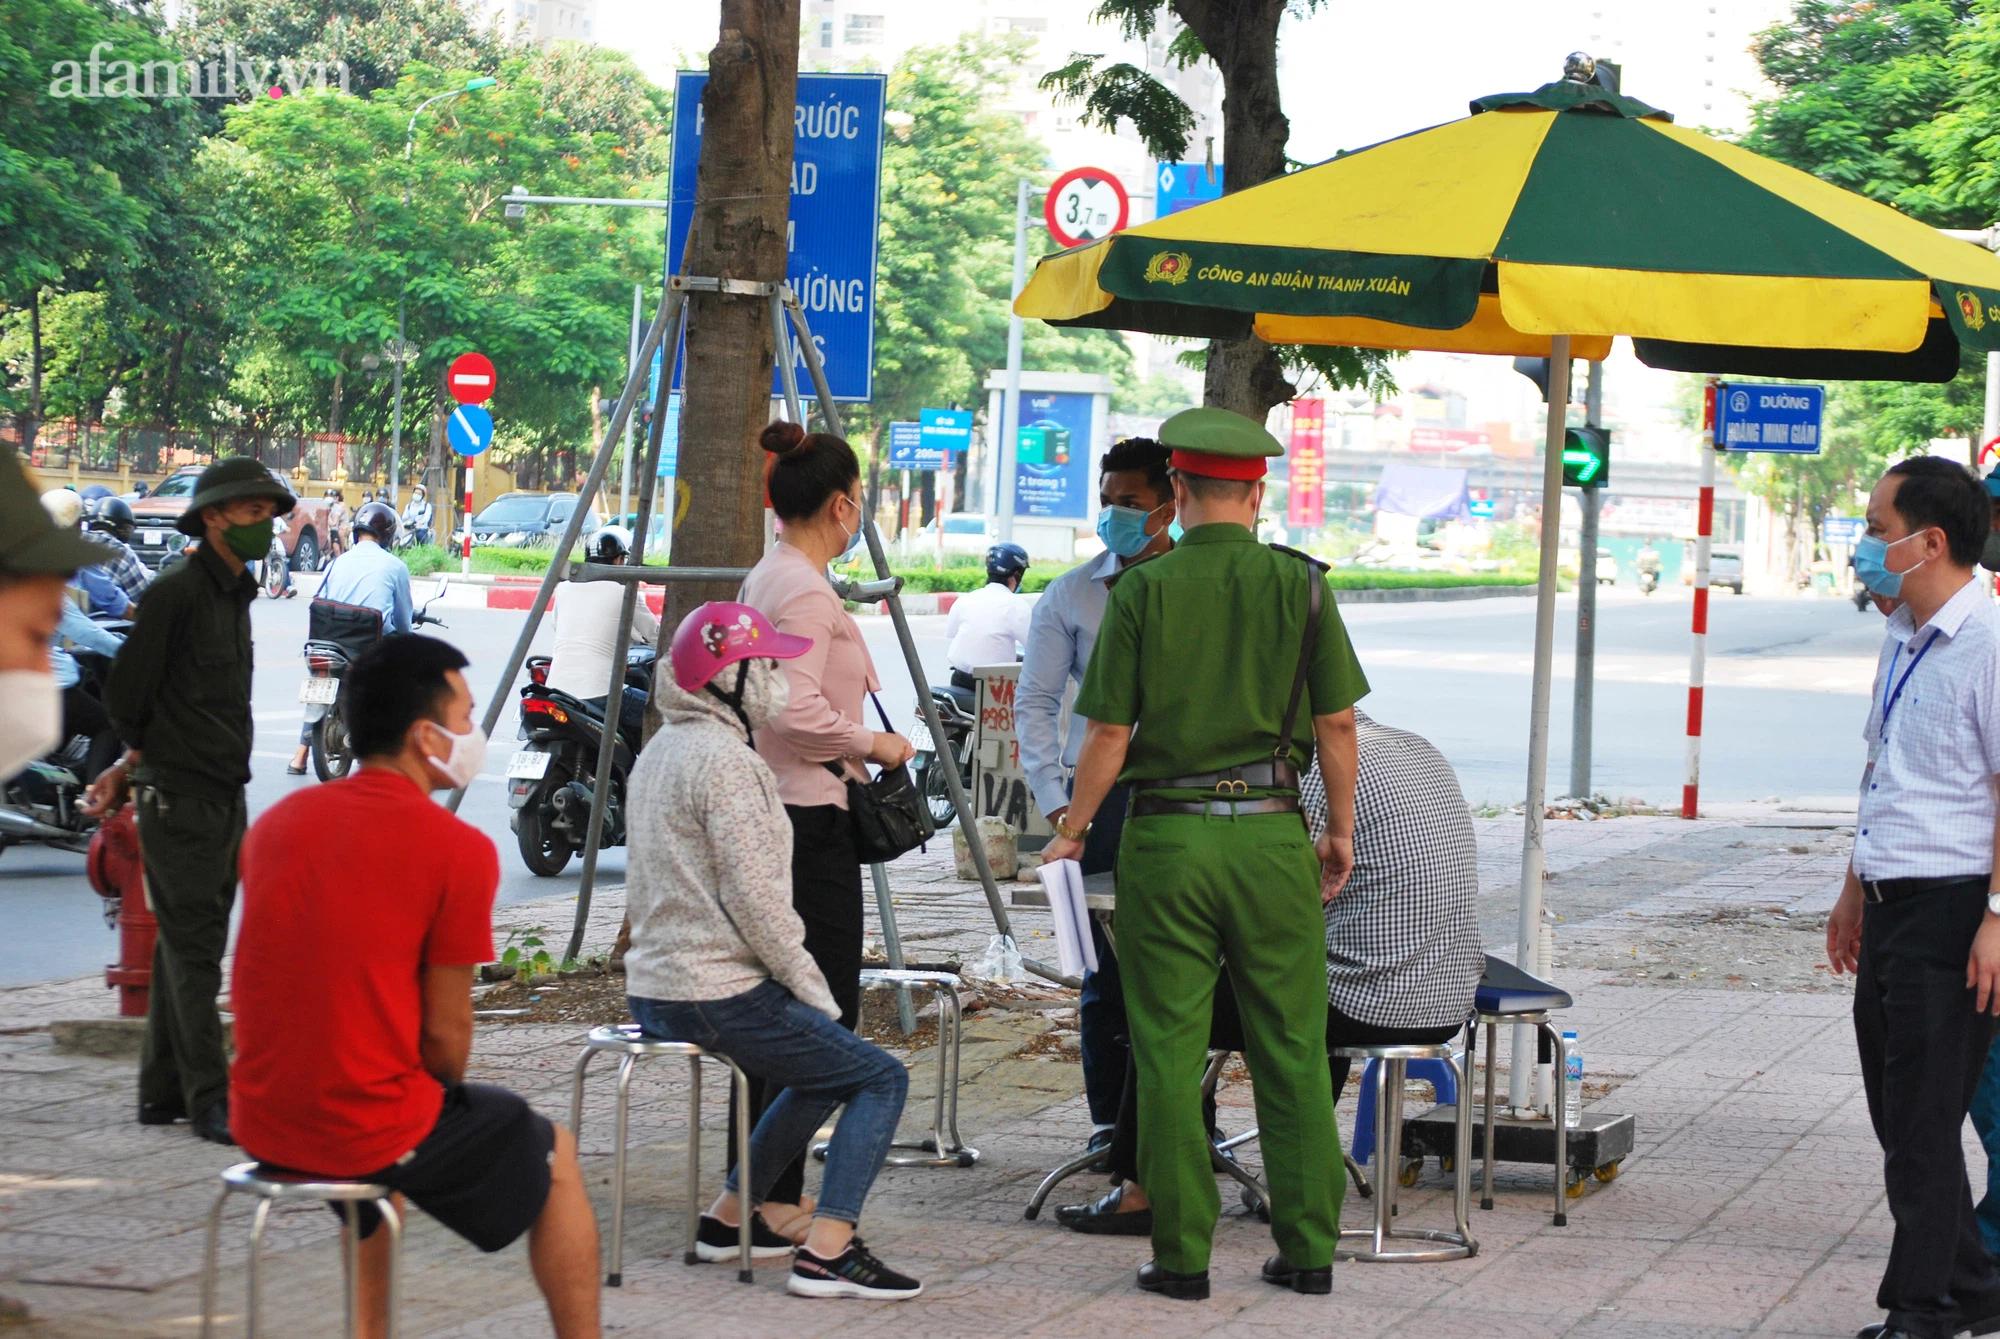 Tổ công tác đang làm nhiệm vụ kiểm tra hành chính đối với những công dân ra đường không có lý do chính đáng.